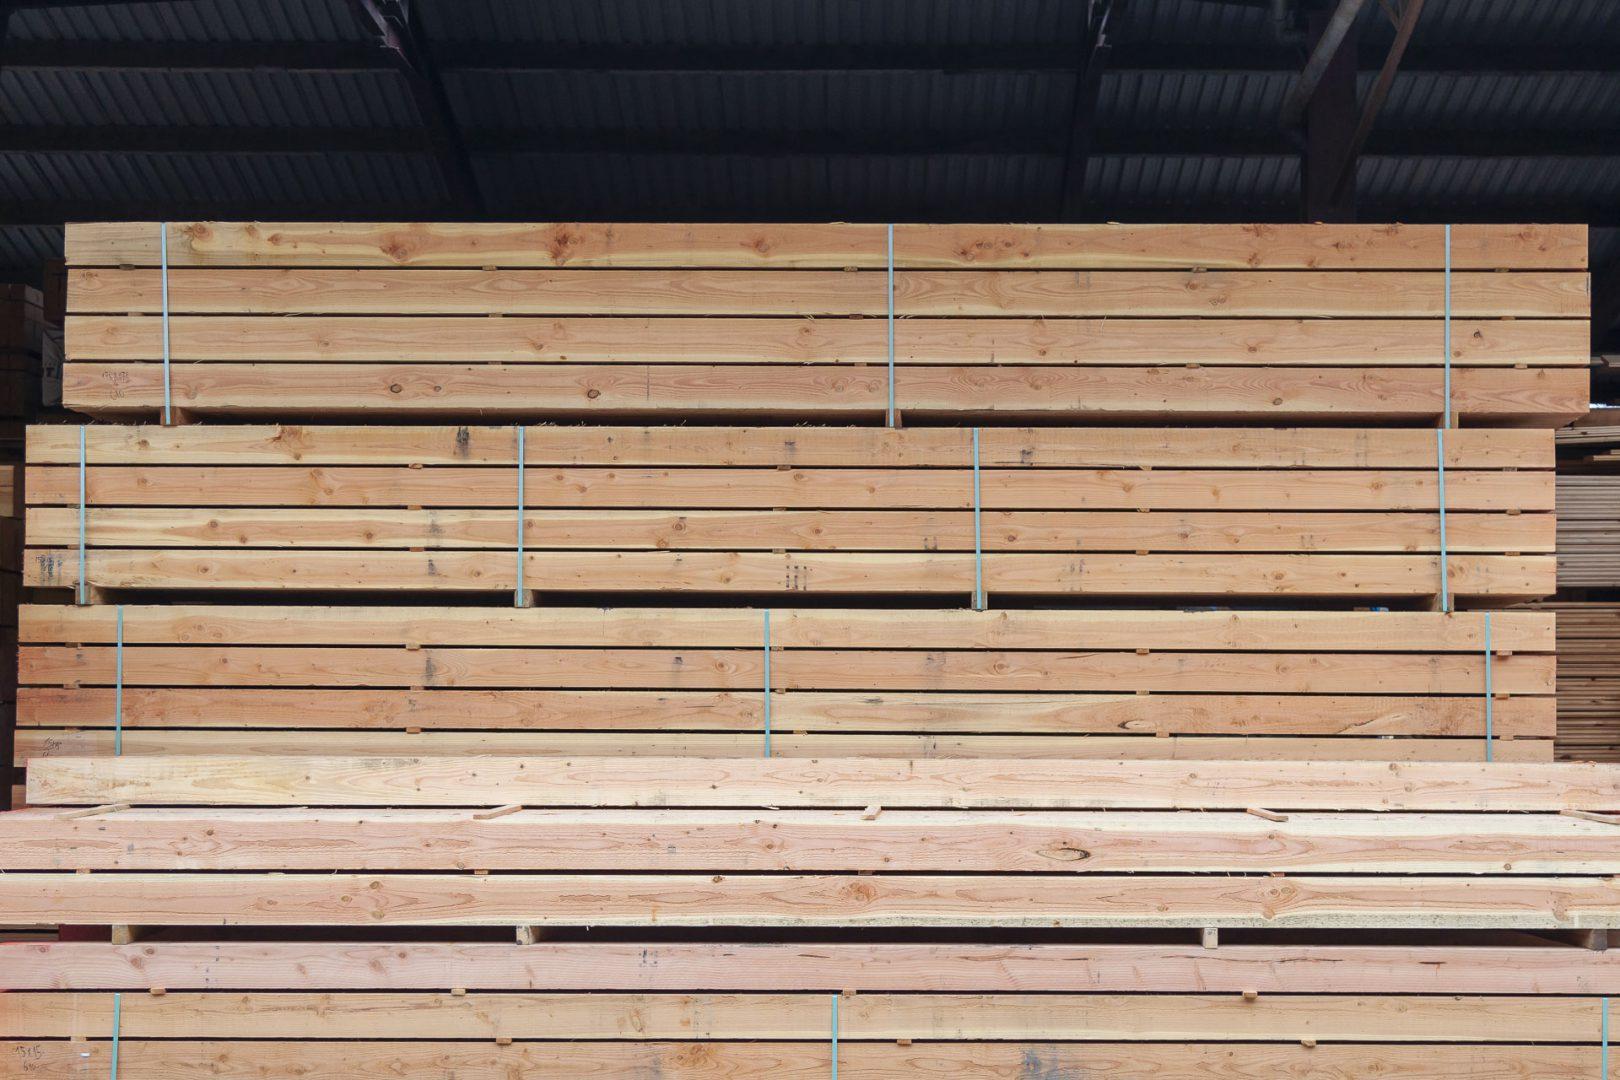 Douglas hout palen gestapeld op elkaar. Douglas hout is afkomstig van de Douglasspar